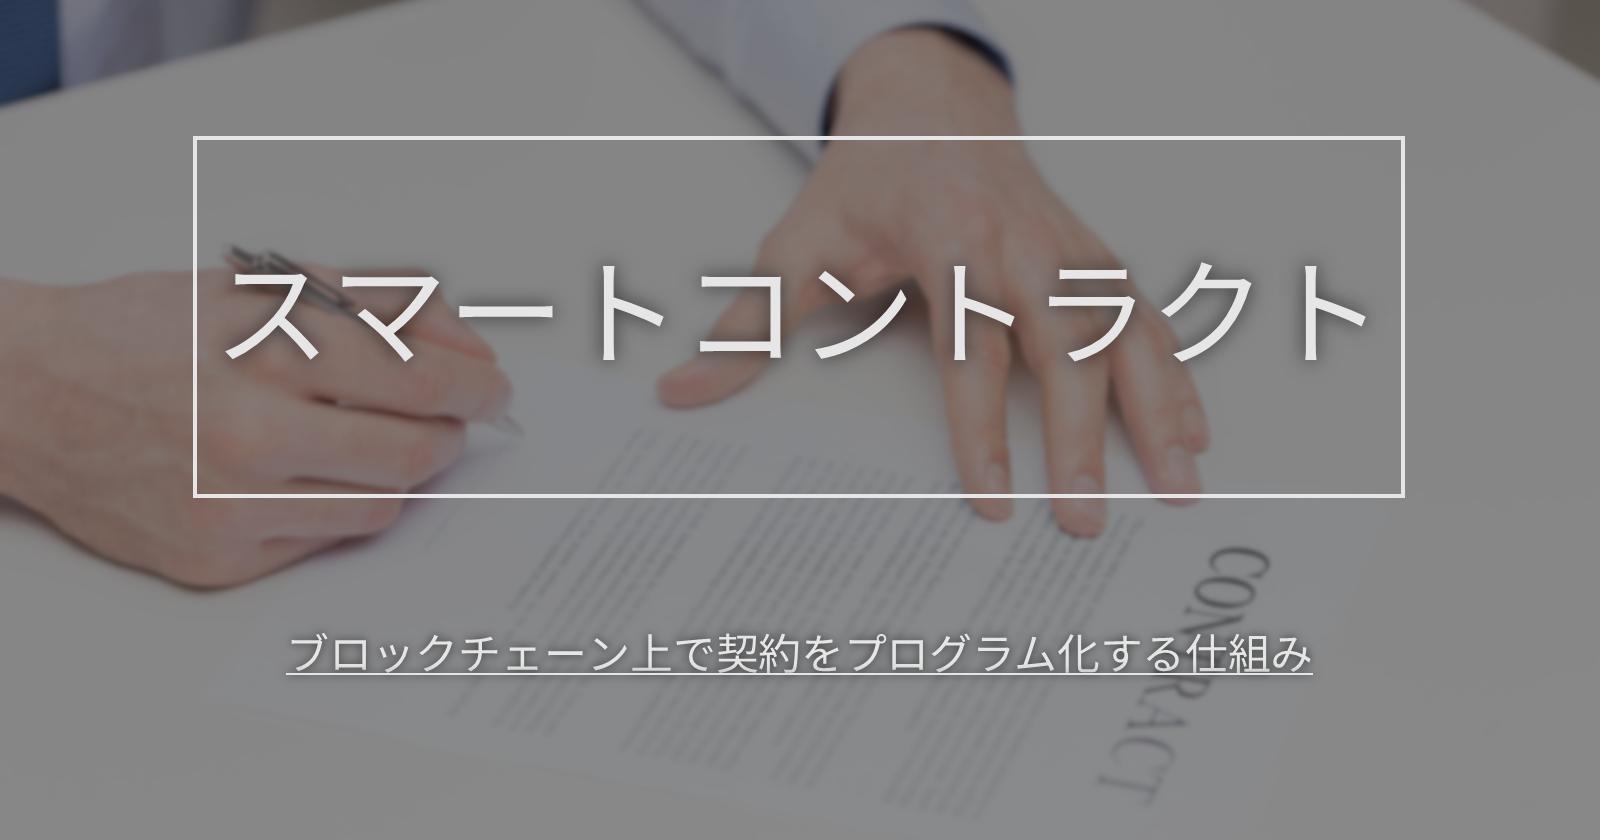 「スマートコントラクト」ブロックチェーン上で契約をプログラム化する仕組み